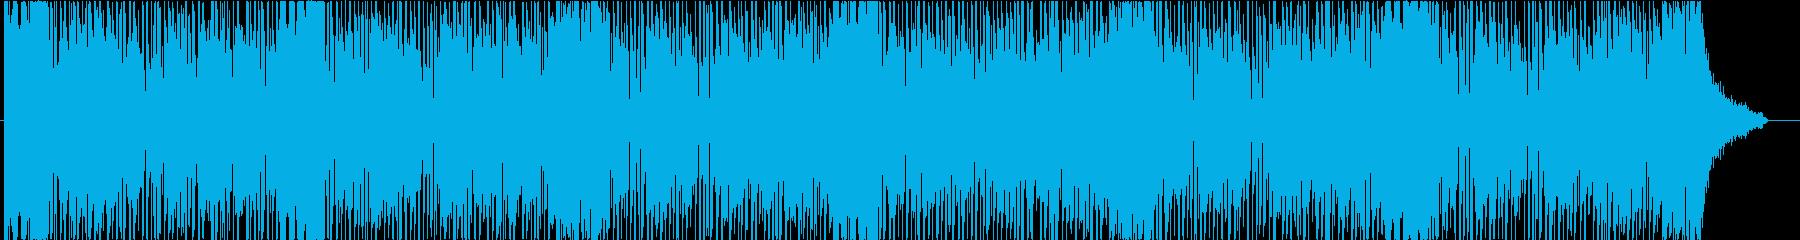 爽やかなドライブをイメージしたBGMの再生済みの波形